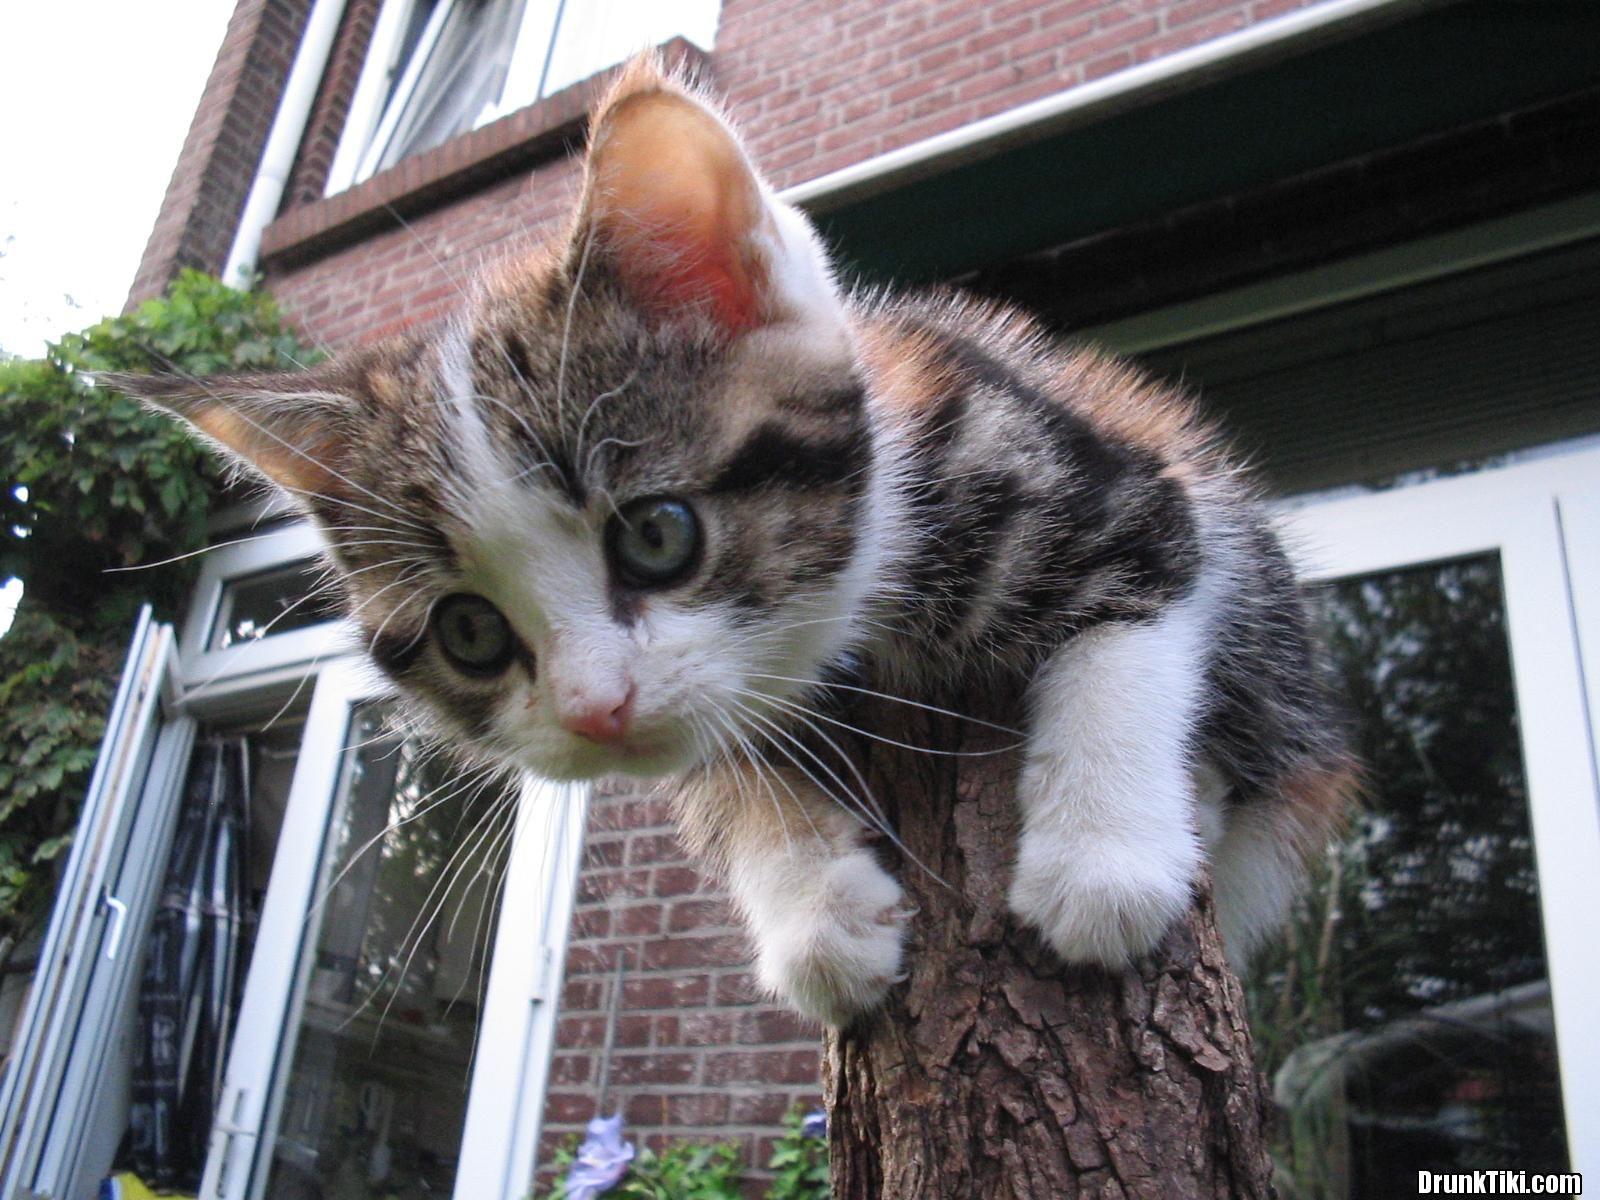 Котенок. #Kitten #Kittens #Cat #Cats